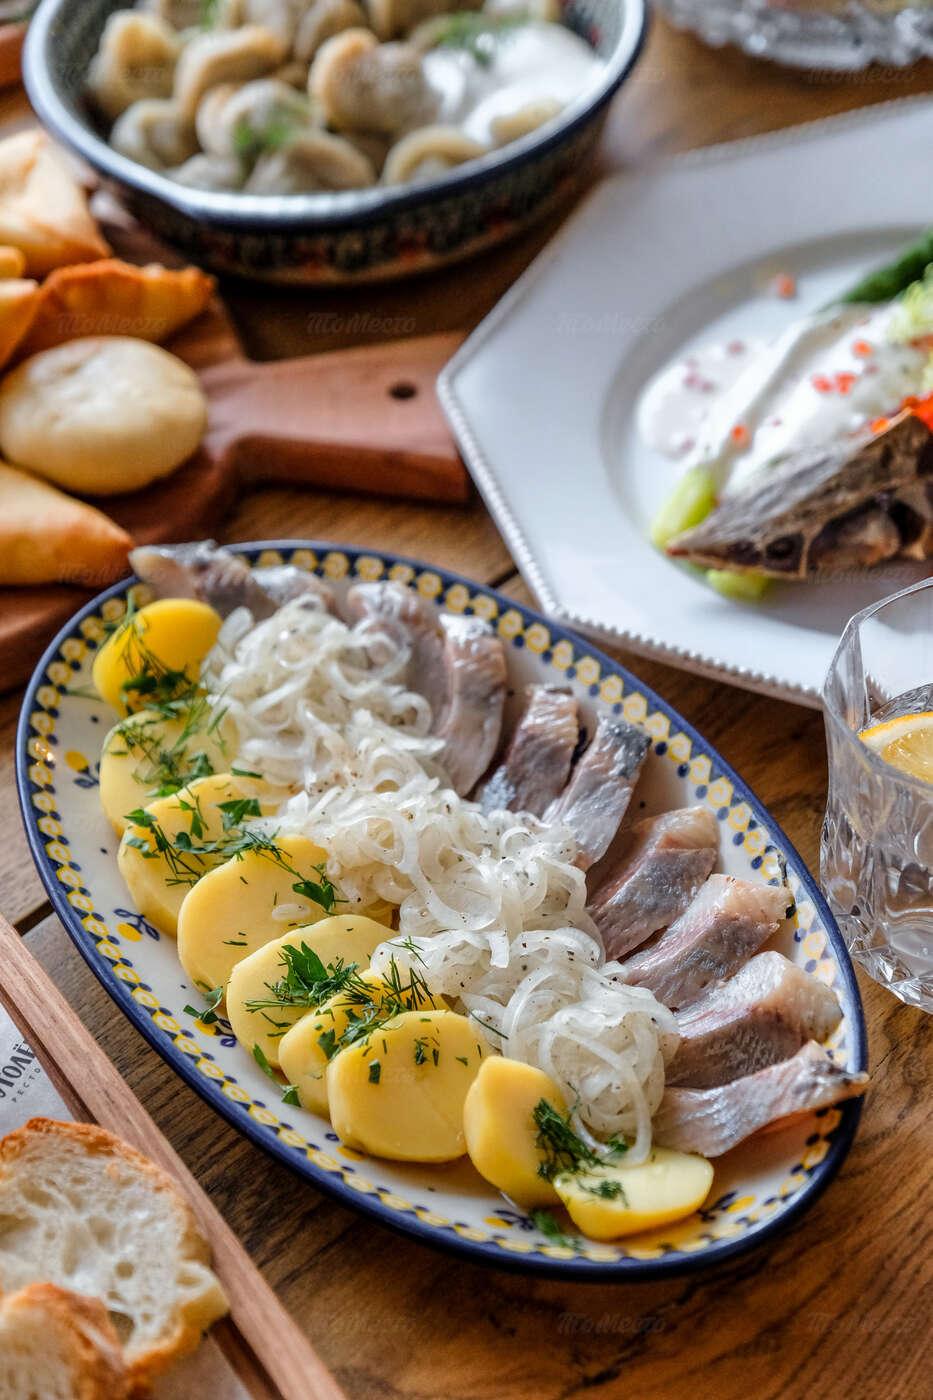 Меню ресторана Уголёк на Рождественской фото 24